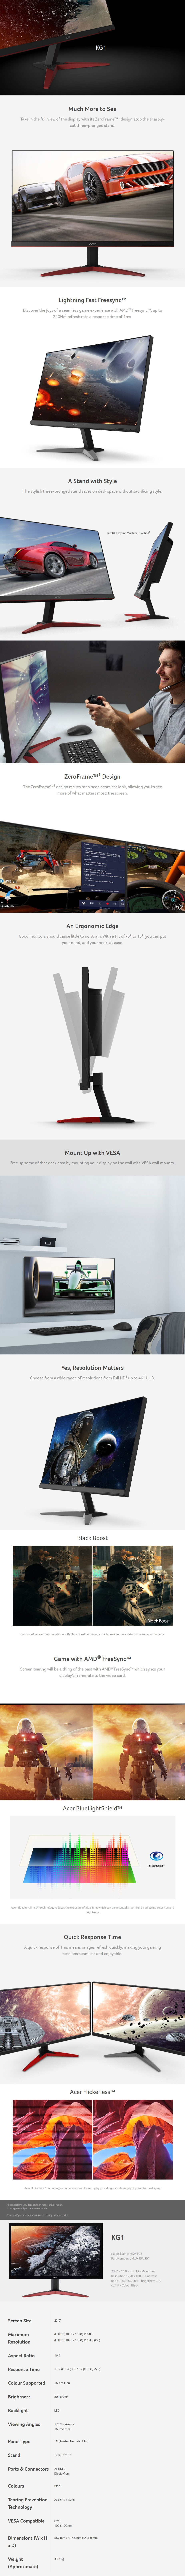 acer-kg241qs-236-165hz-fhd-1ms-freesync-tn-gaming-monitor-ac32457-4.jpg